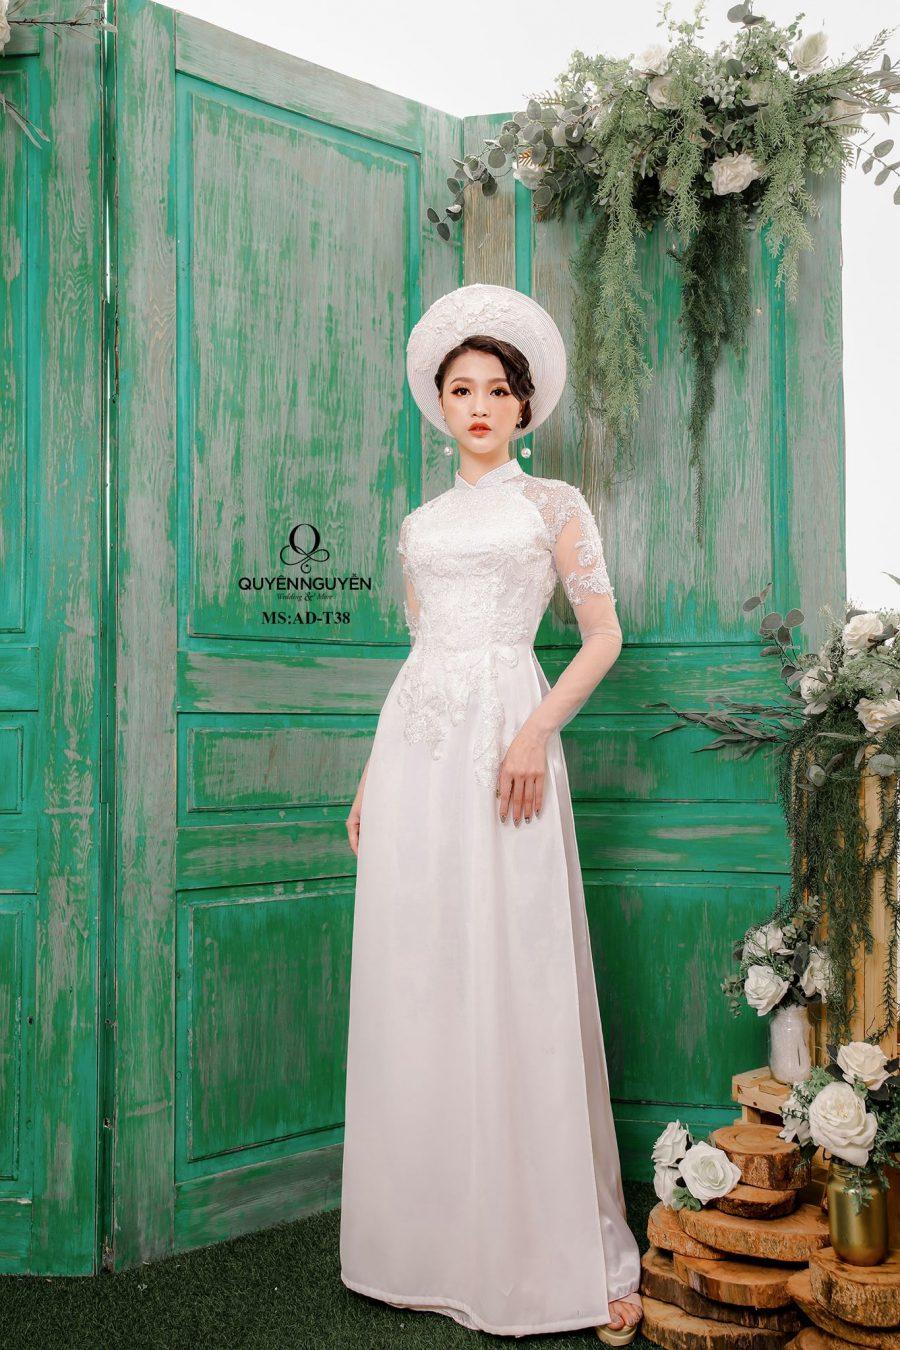 Cửa hàng áo dài may sẵn Hồ Chí Minh giá vừa tốt, áo vừa đẹp?